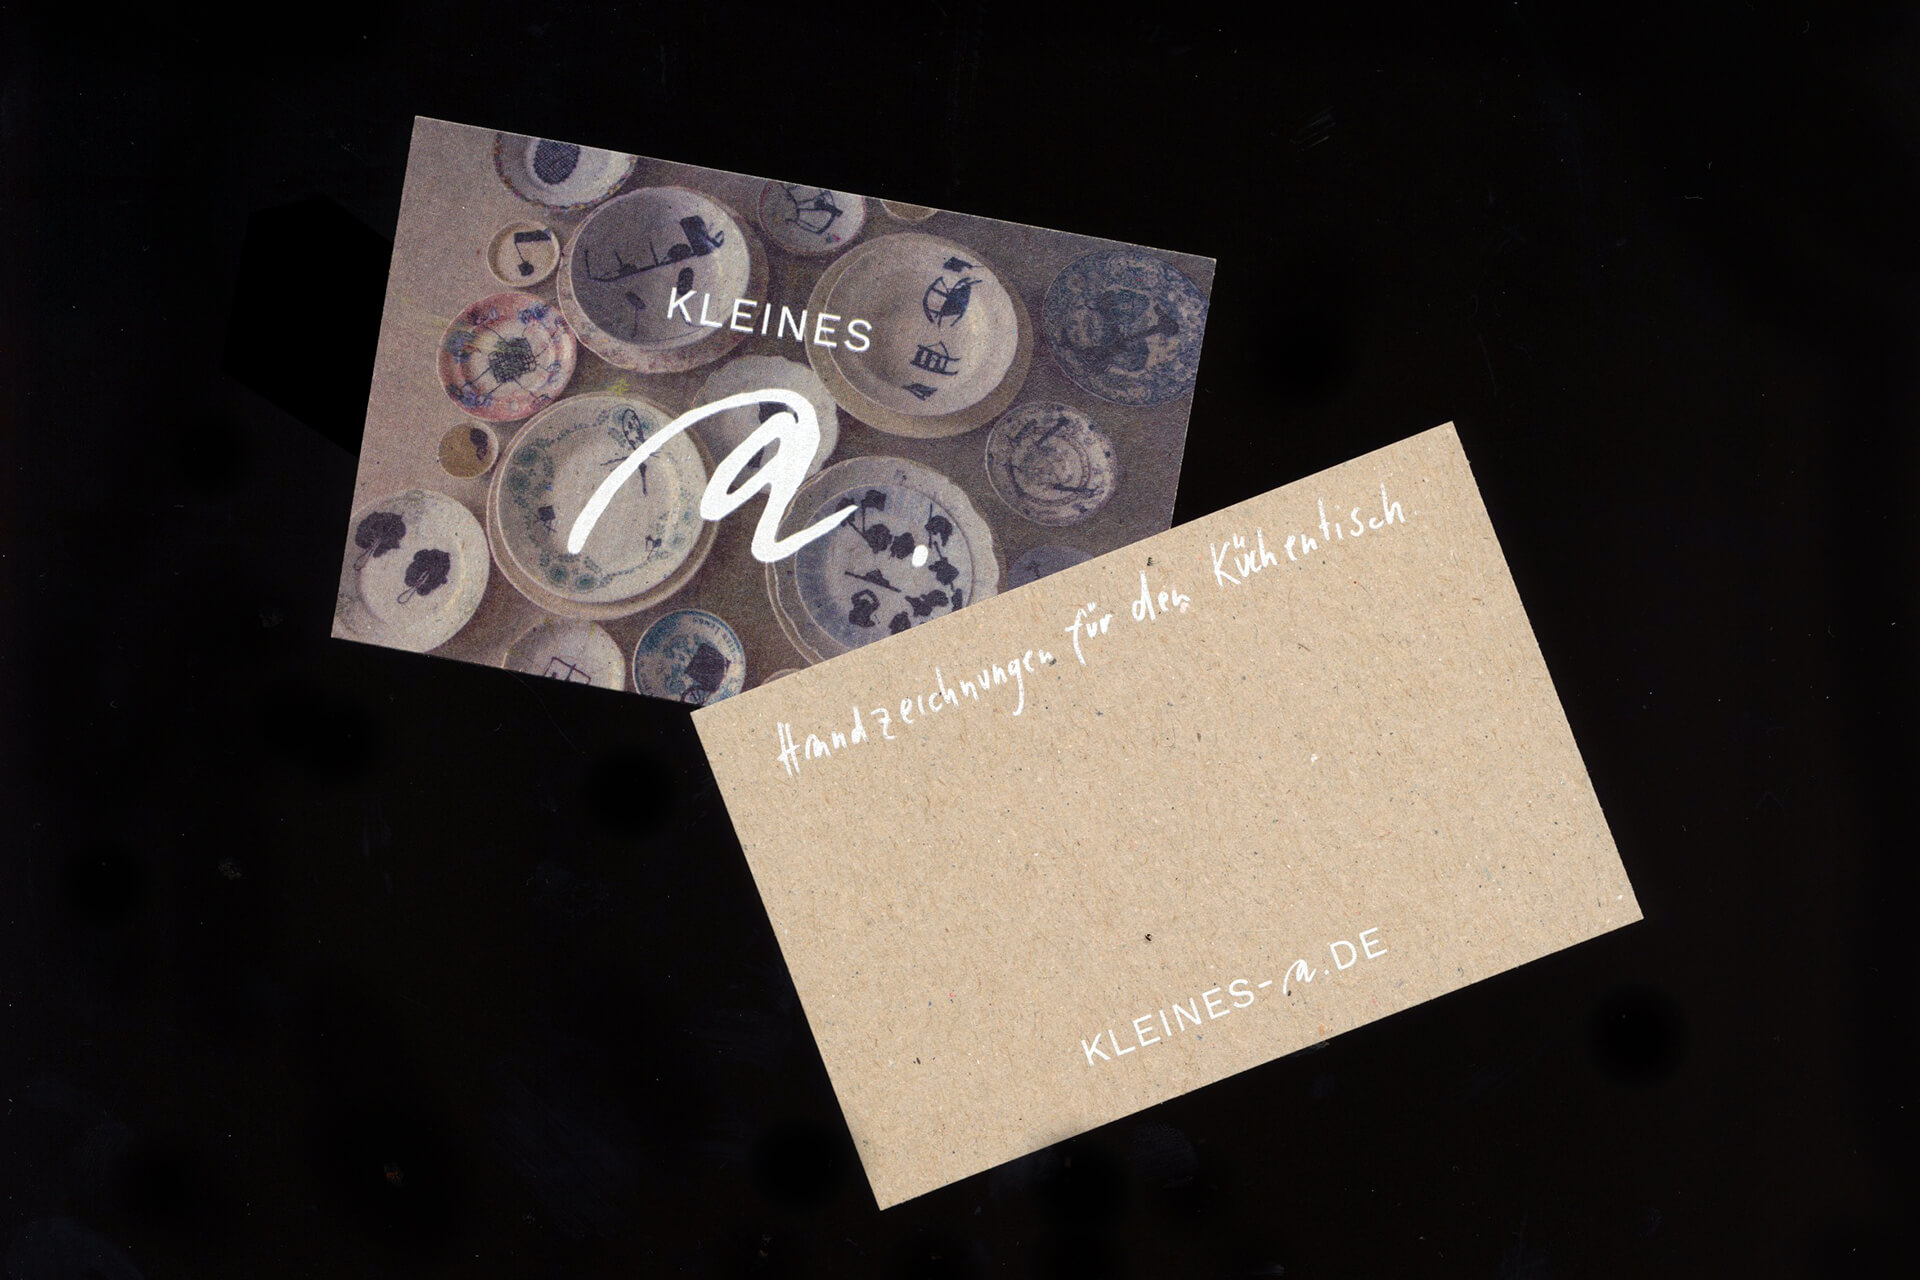 Denken & Handeln, Fine Heininger, Kleines A, Corporate Identity, CI, Visuelle Identität, Logo, Geschäftsausstattung, Visitenkarte, Webseite, Flyer